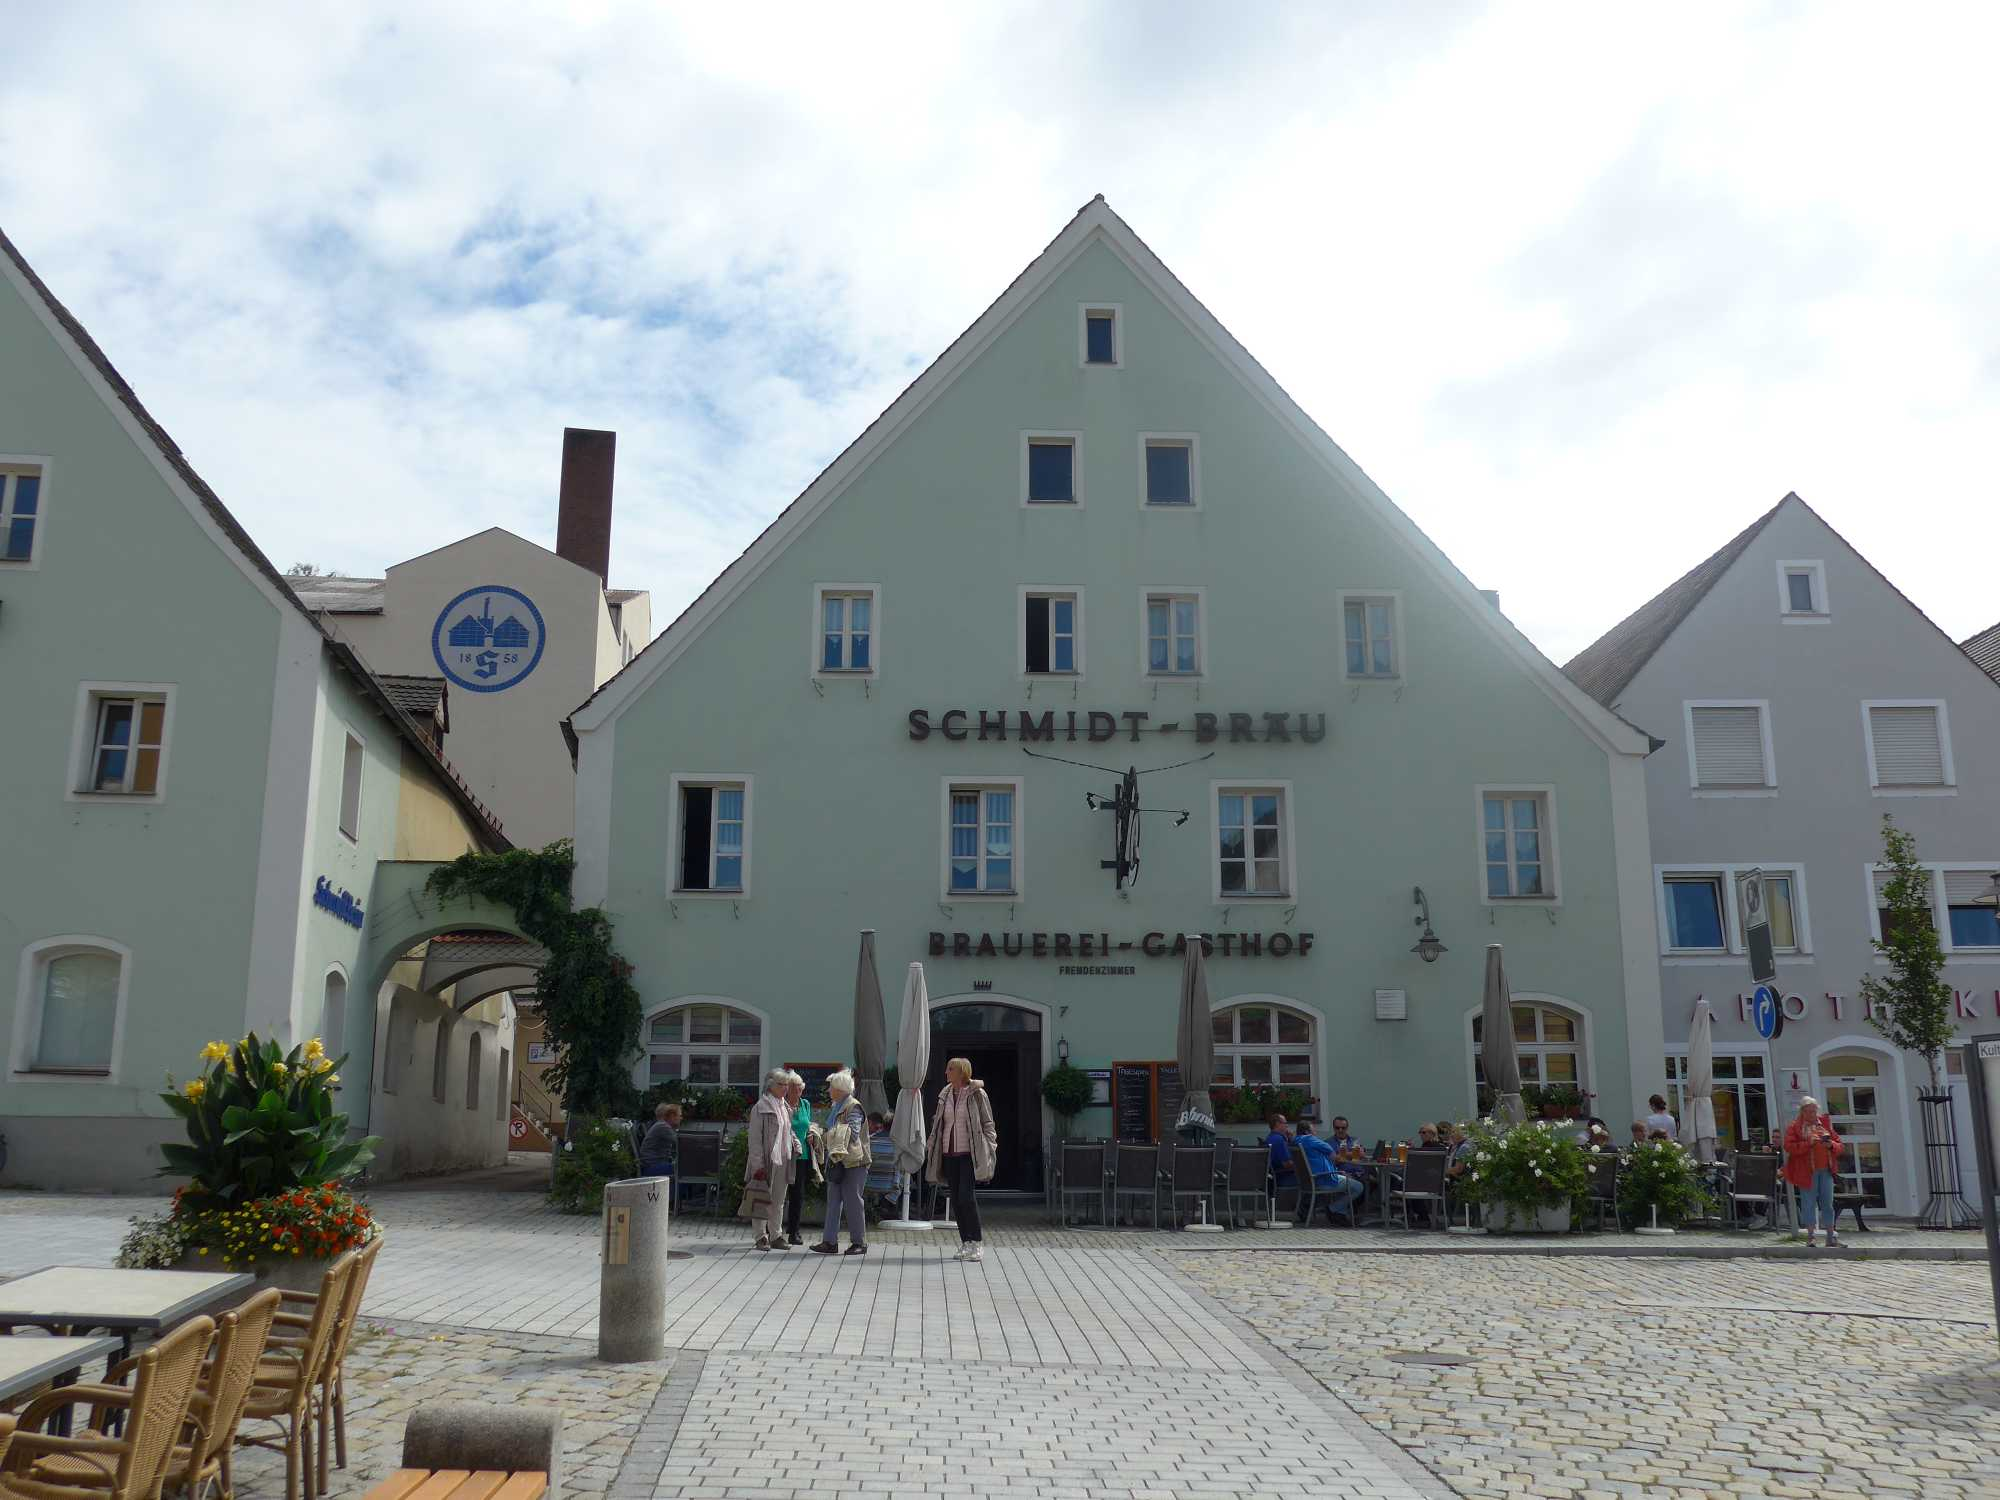 Schmidt Bräu